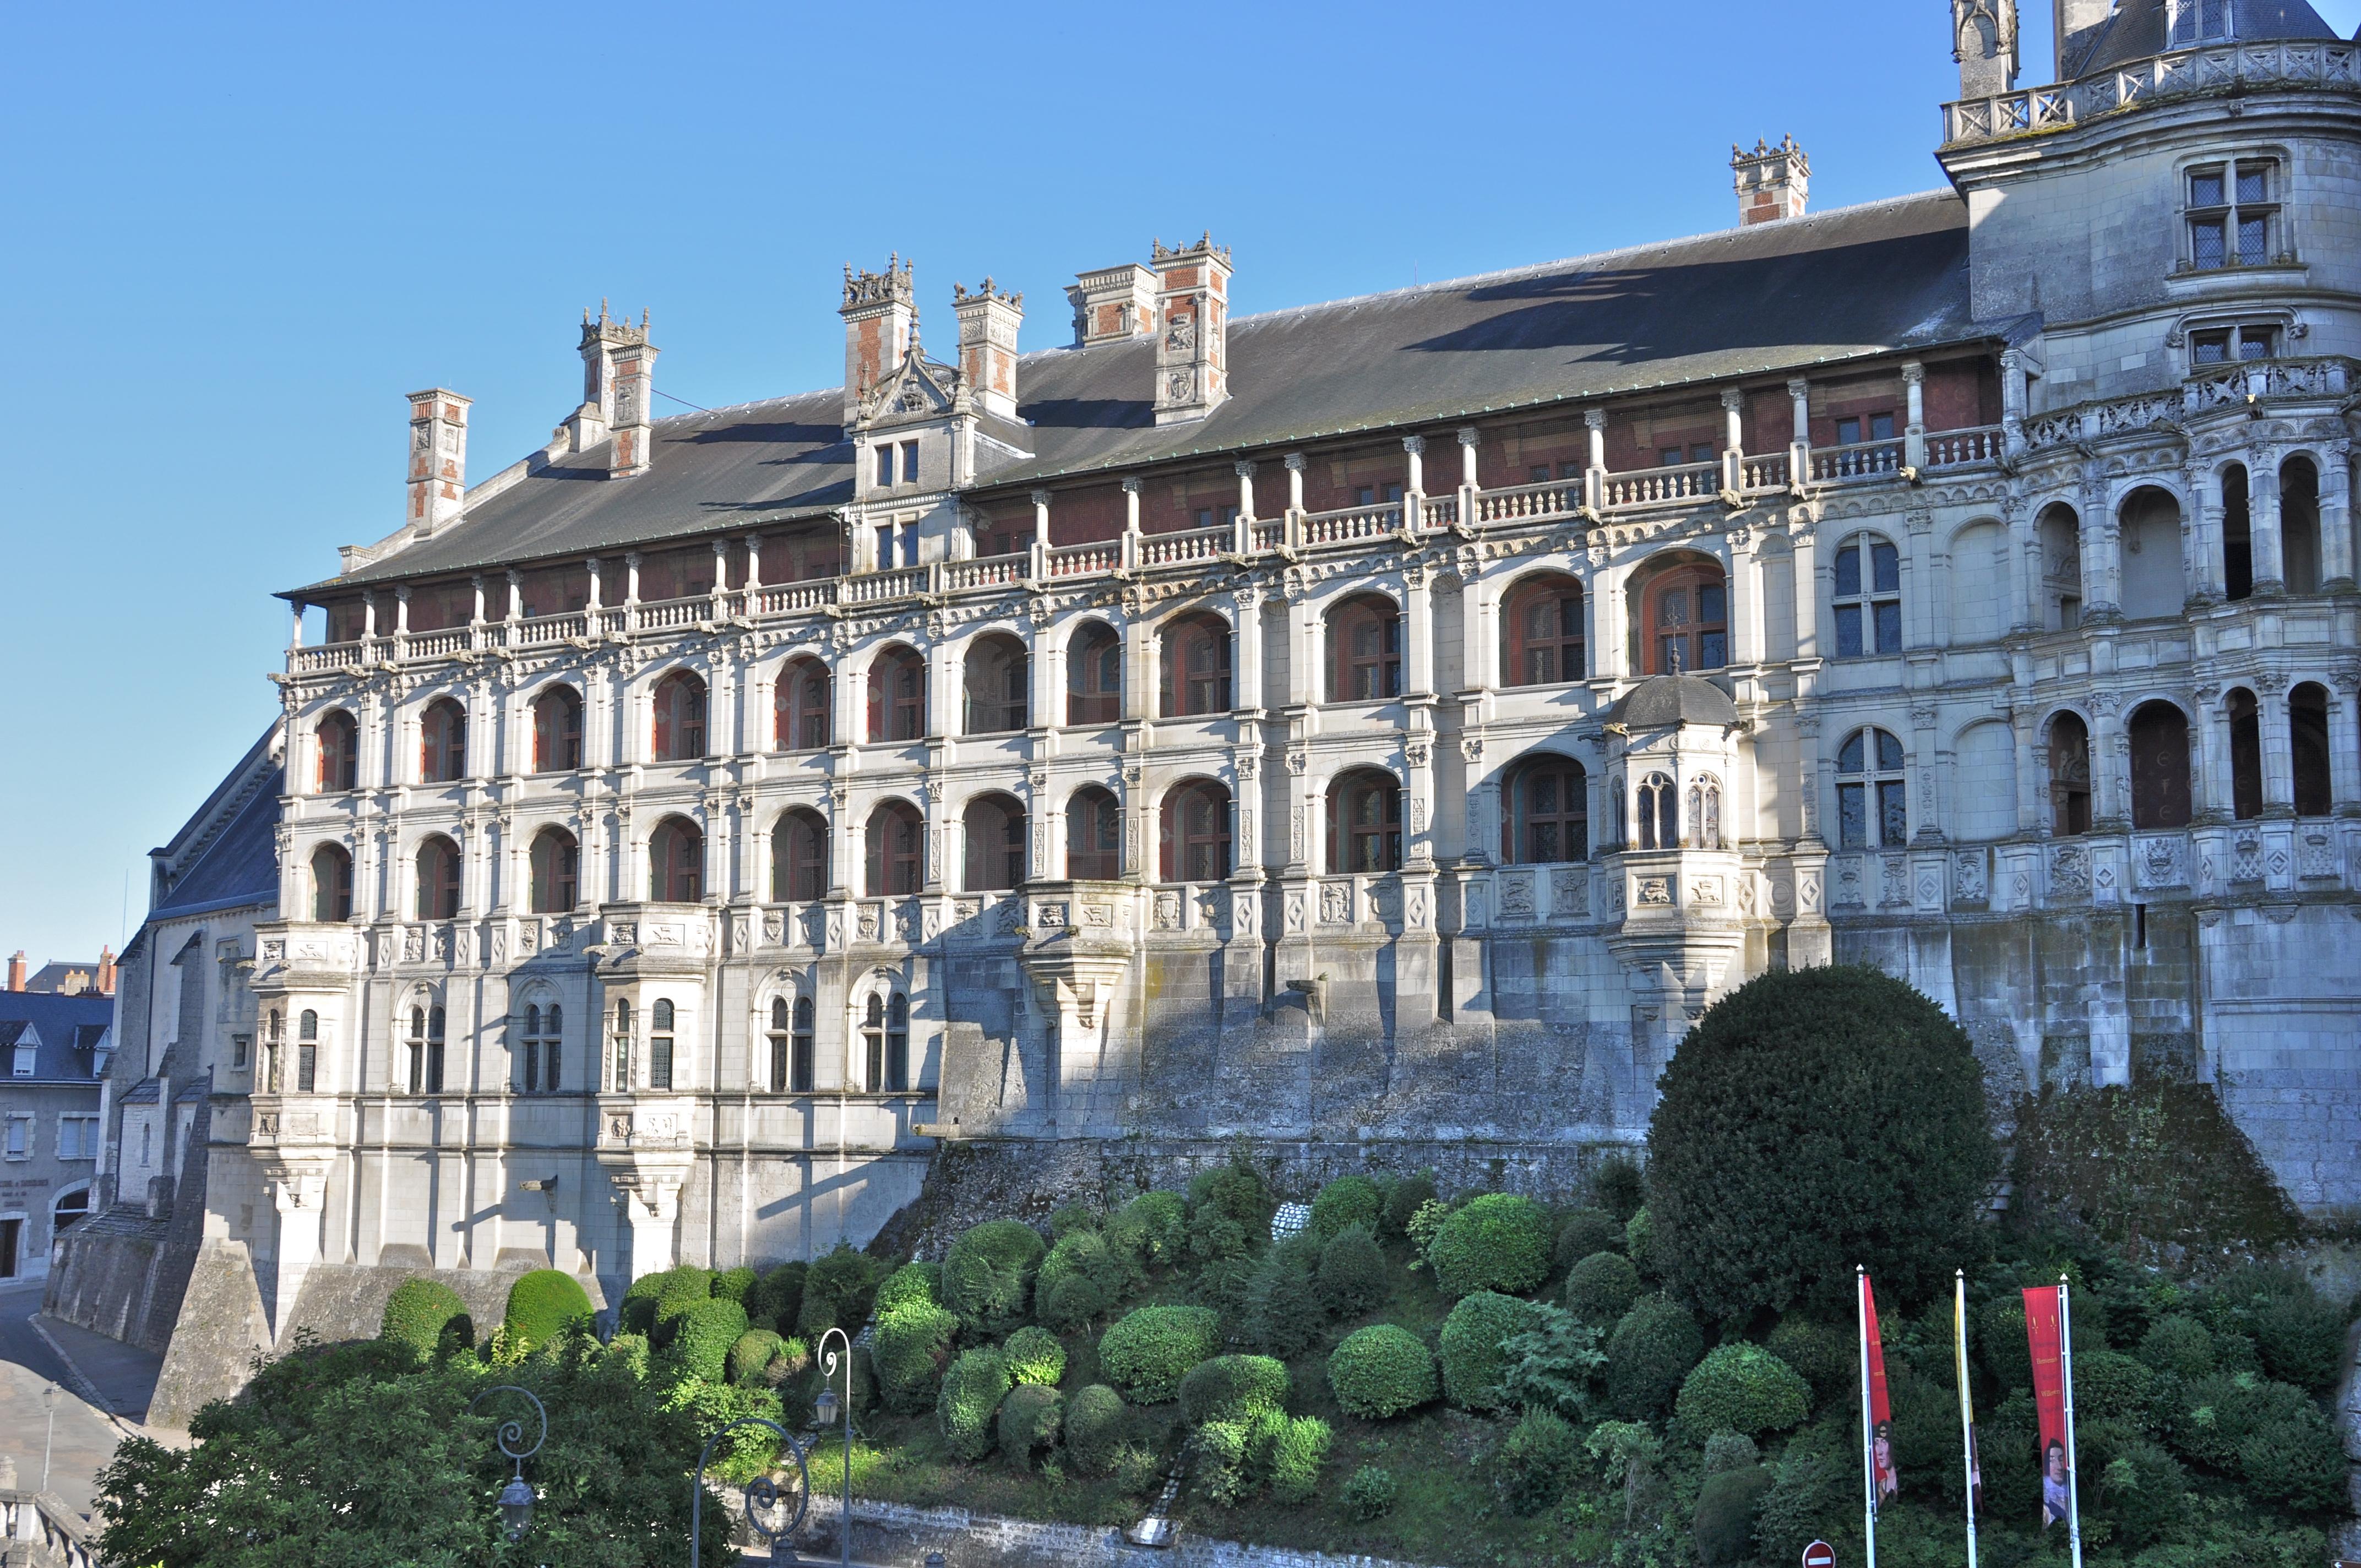 Château_de_Blois Façade_des_Loges - CC0 - My Loire Valley